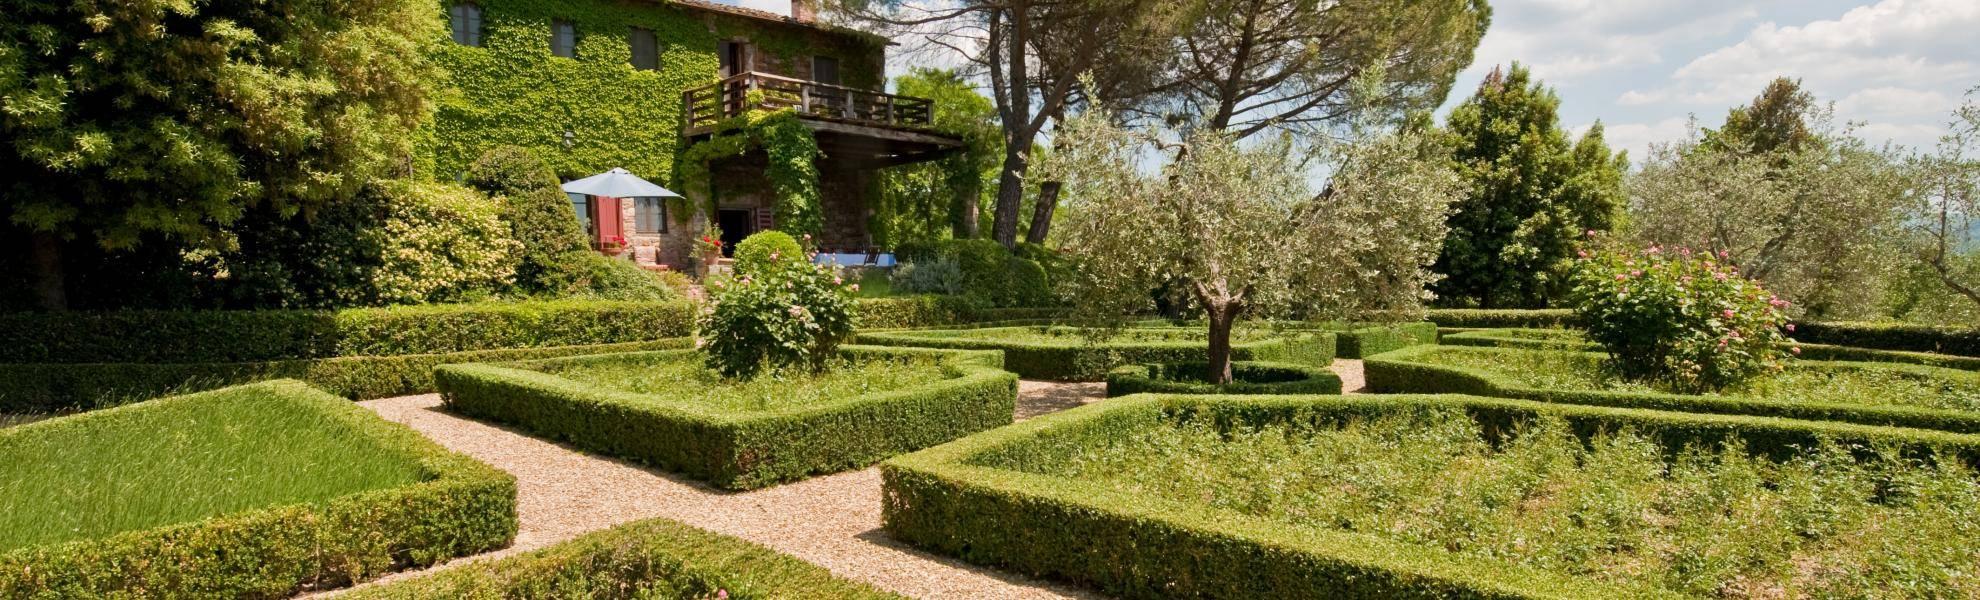 Villa Poggio alle Corti